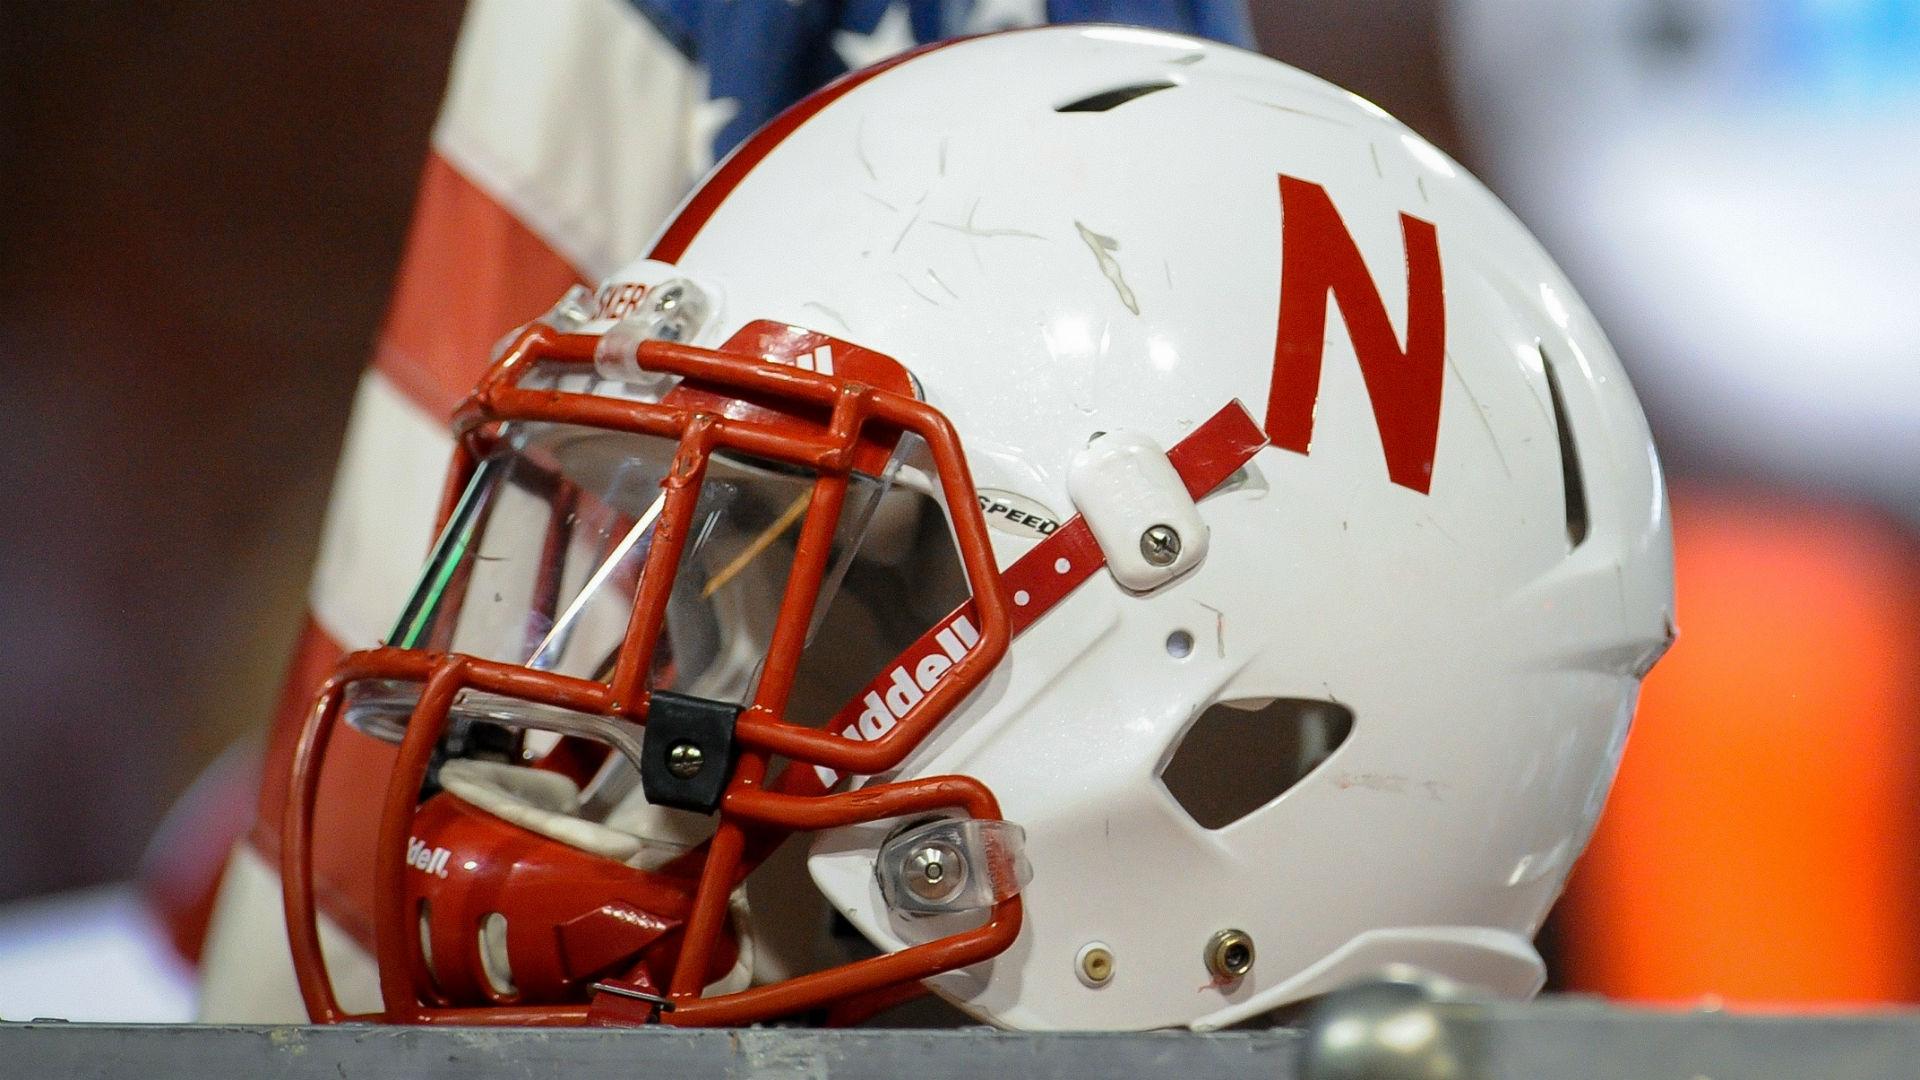 Nebraska-helmet_1dku00qzy8ui61hvxvy3yqvzpf